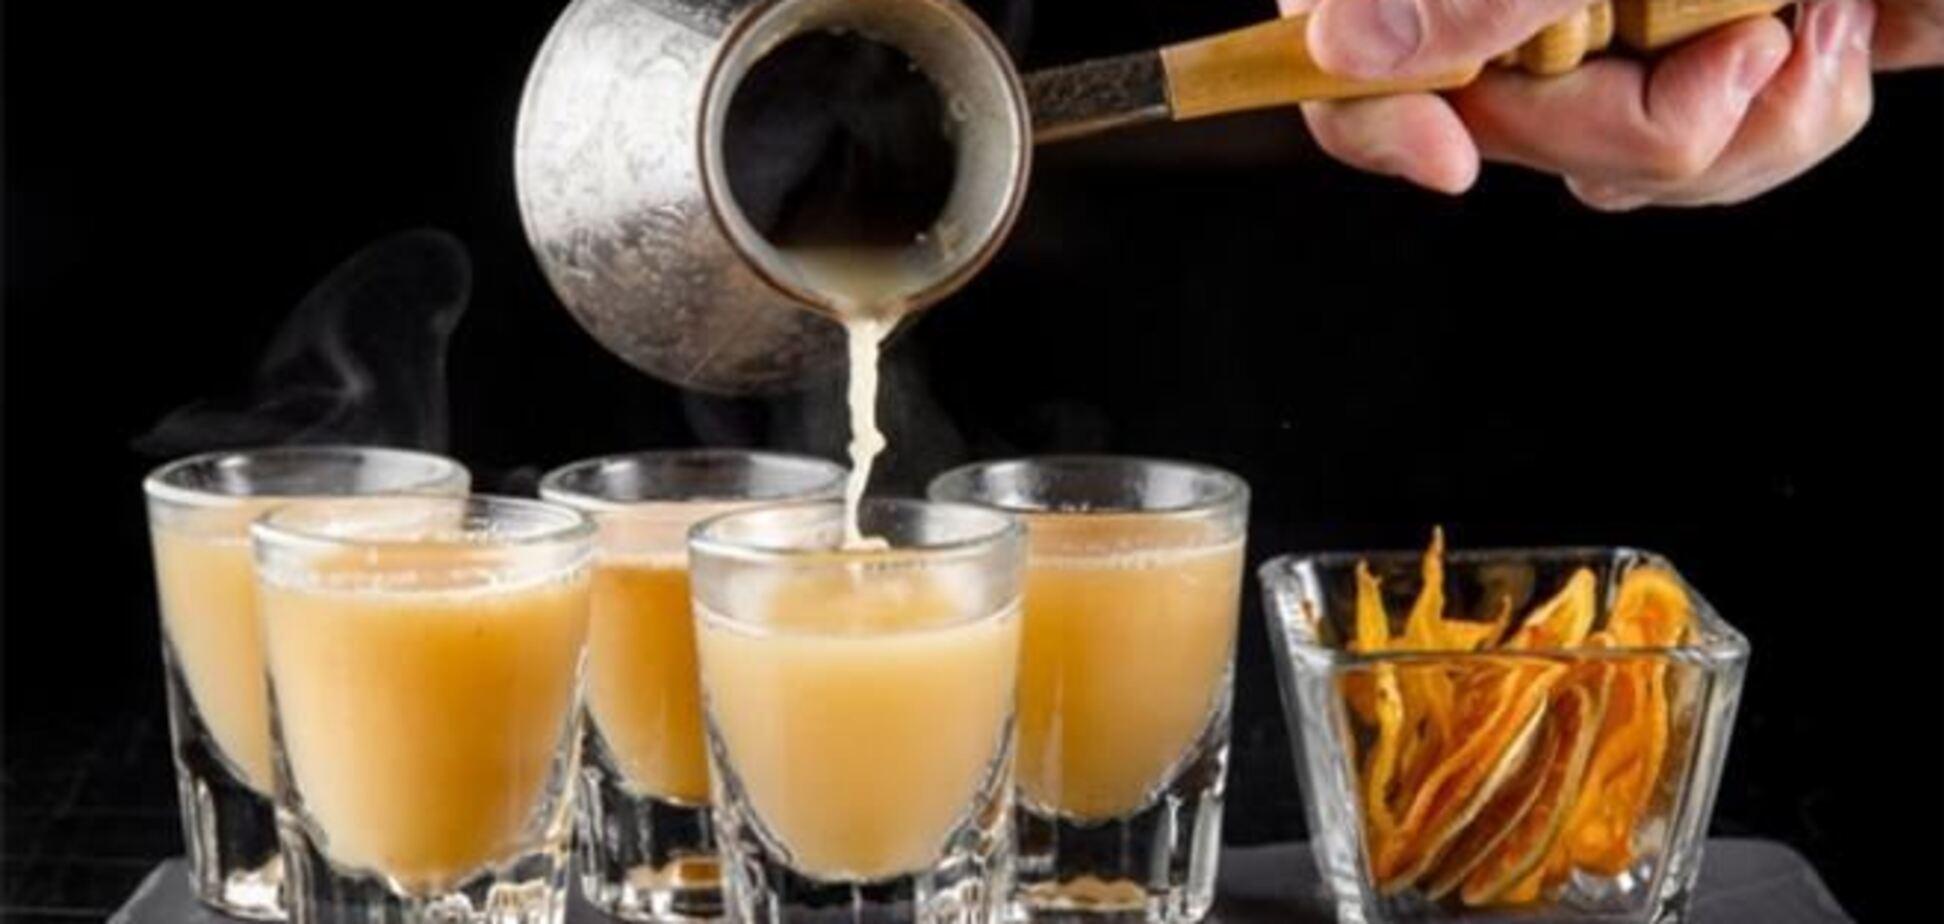 Топ-5 необыкновенных напитков, которые согреют в любые морозы